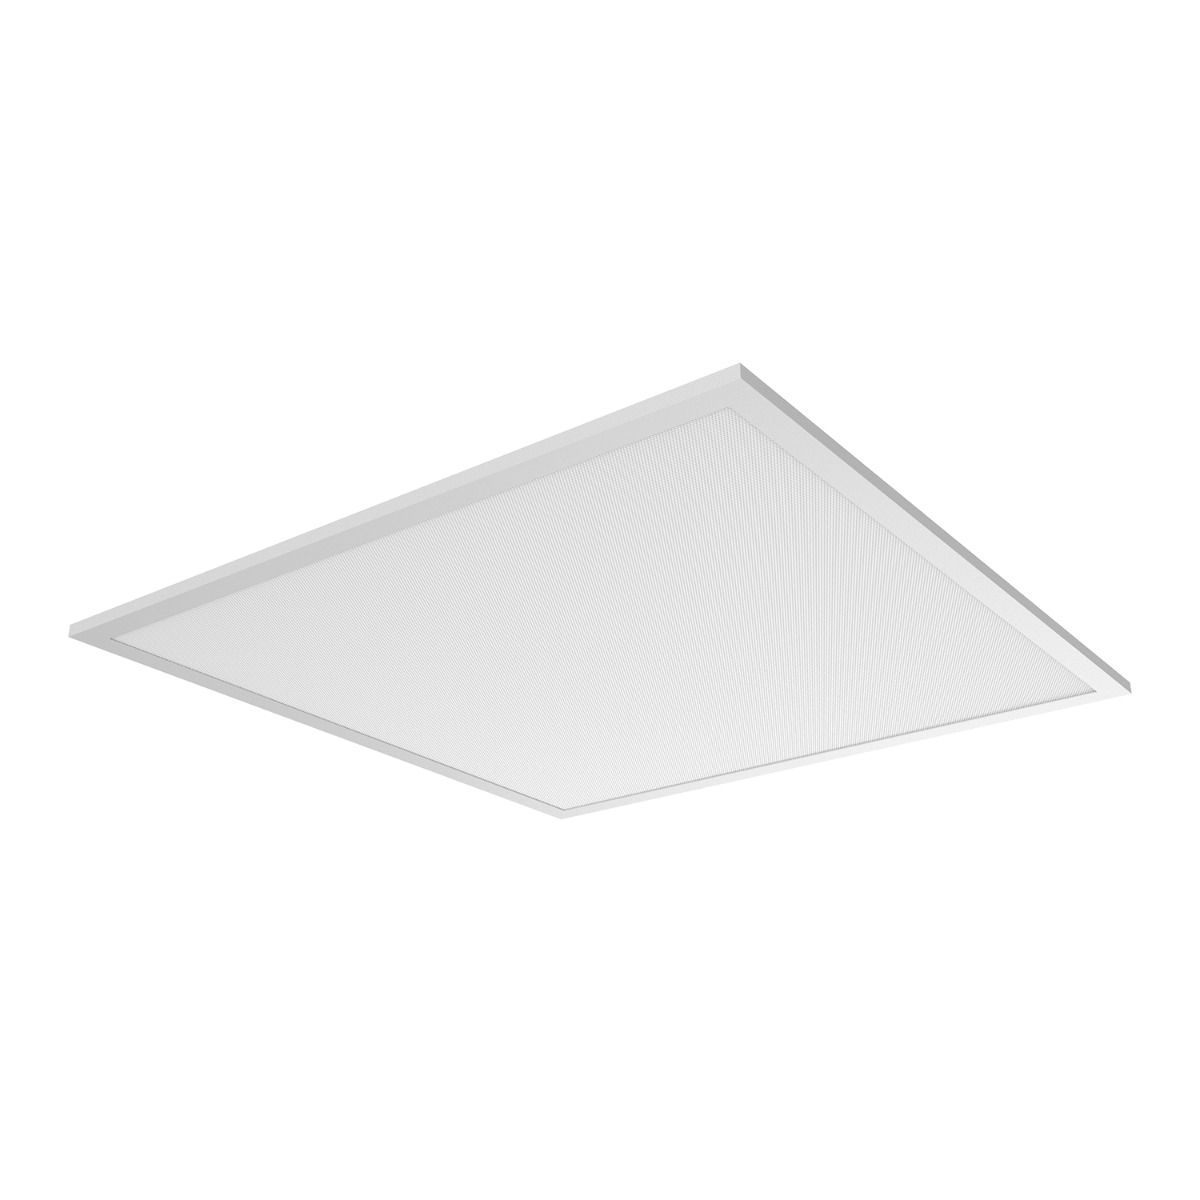 Noxion LED Panel Delta Pro V3 30W 3000K 3960lm 60x60cm UGR